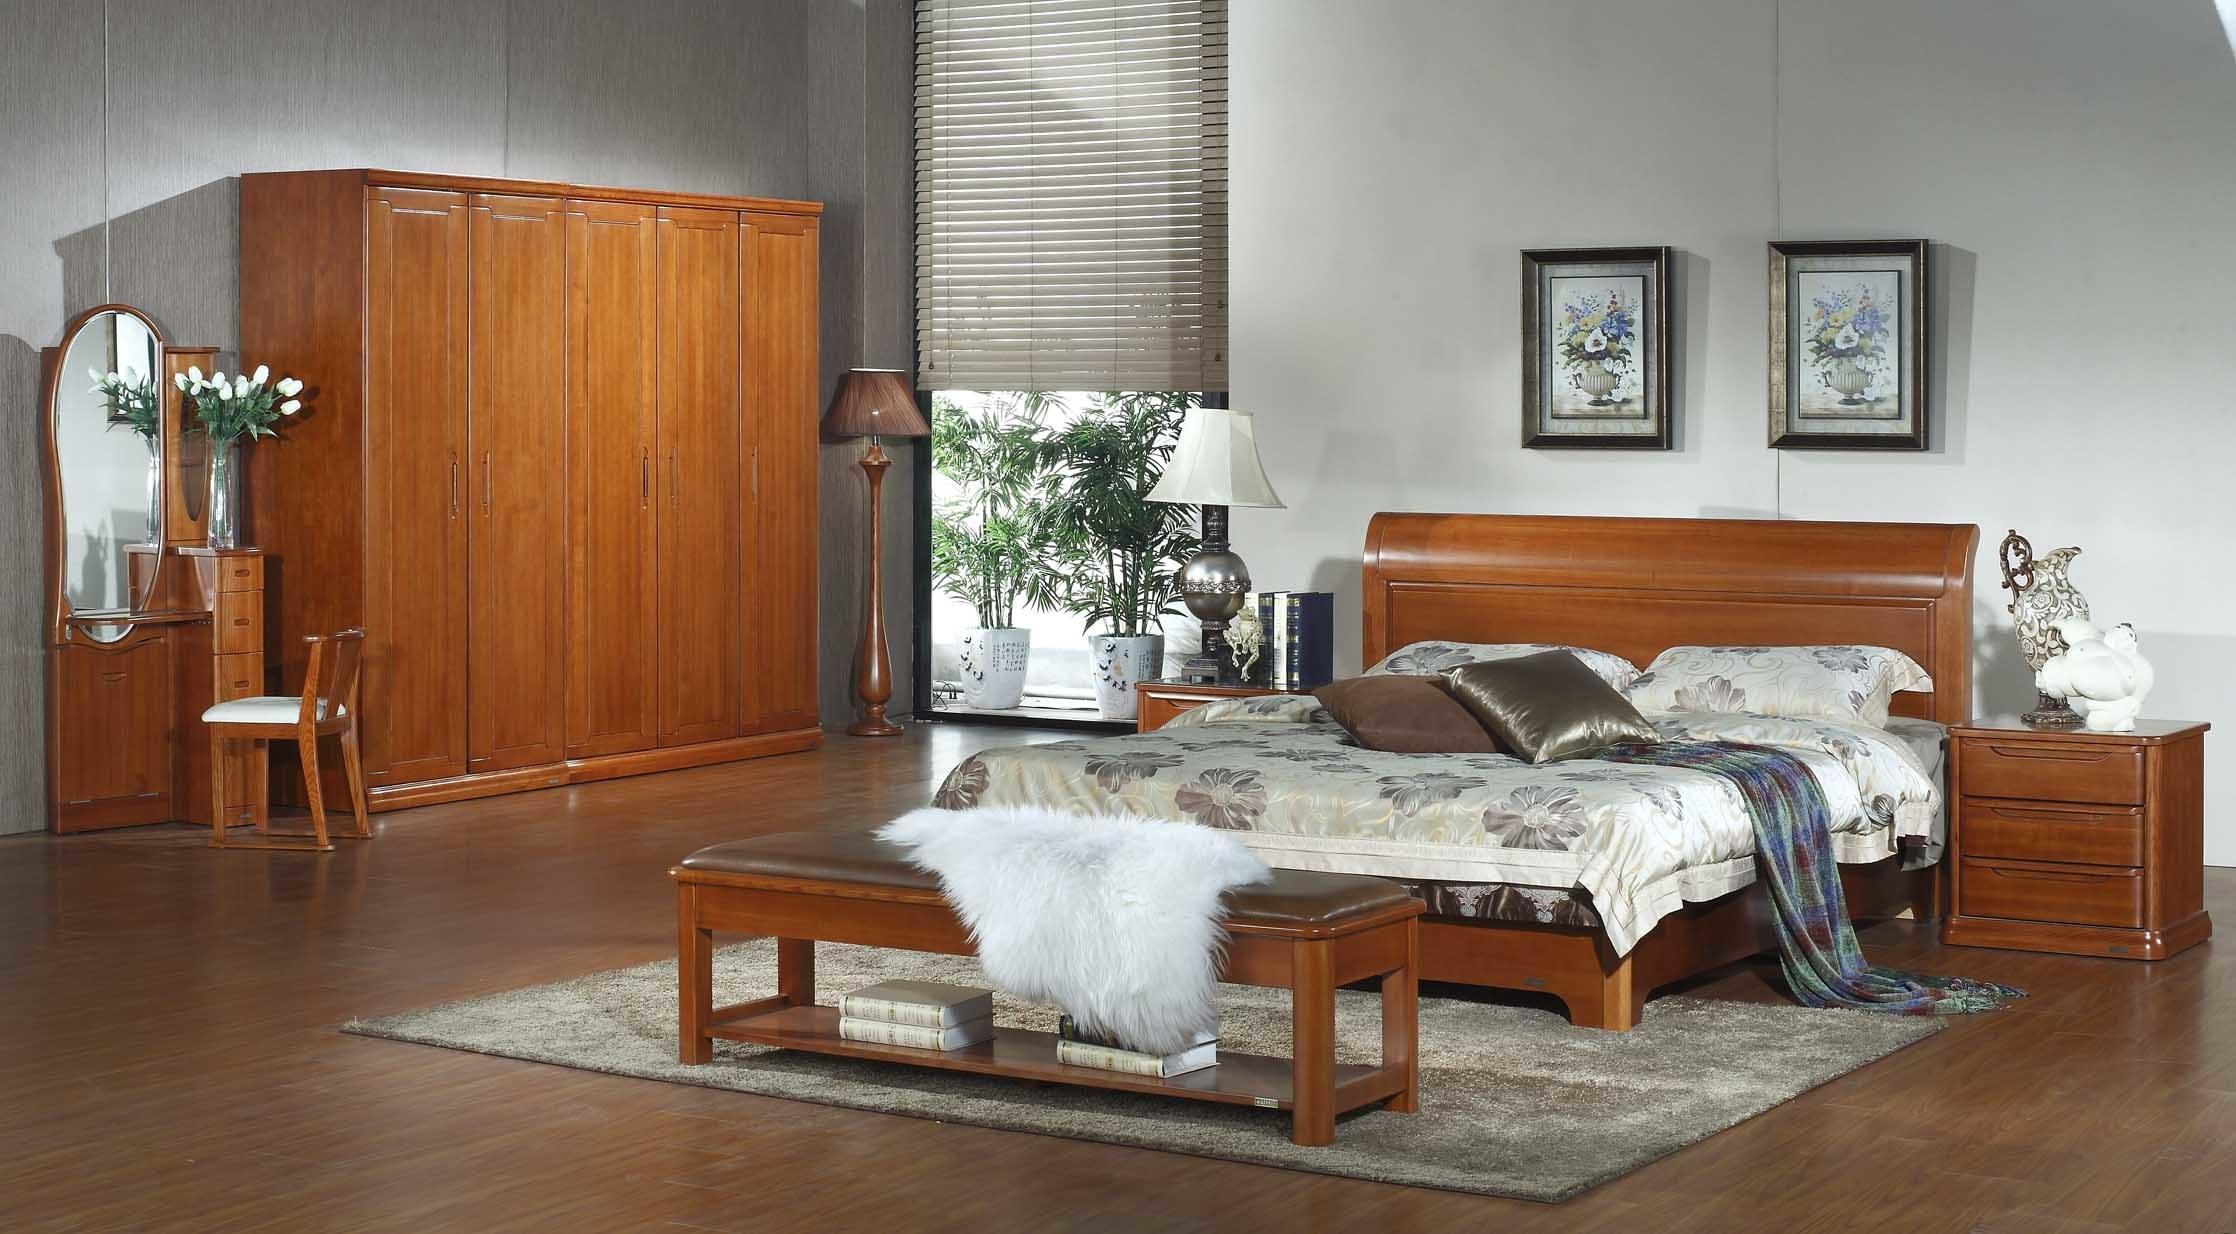 meubles de chambre coucher sd01 meubles de chambre coucher sd01 fournis par hebei. Black Bedroom Furniture Sets. Home Design Ideas